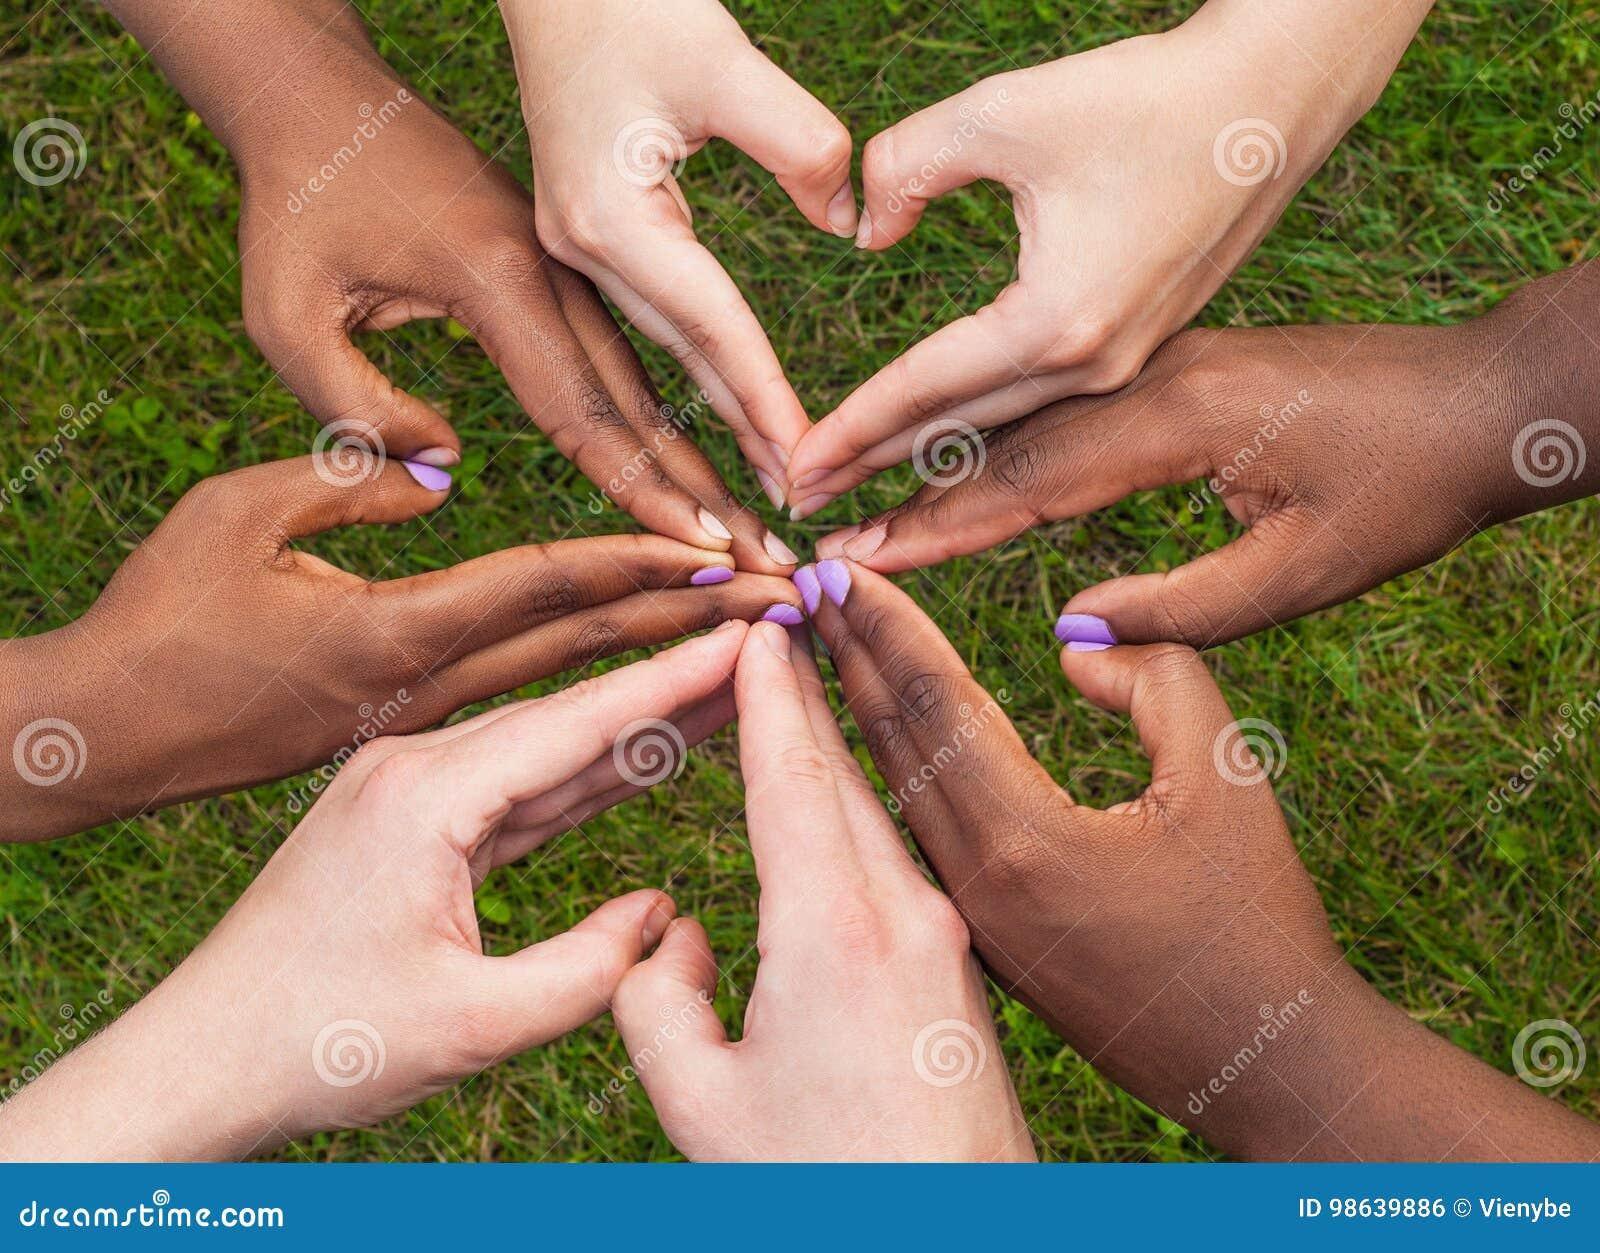 Le mani in bianco e nero nel cuore modellano, concetto interrazziale di amicizia